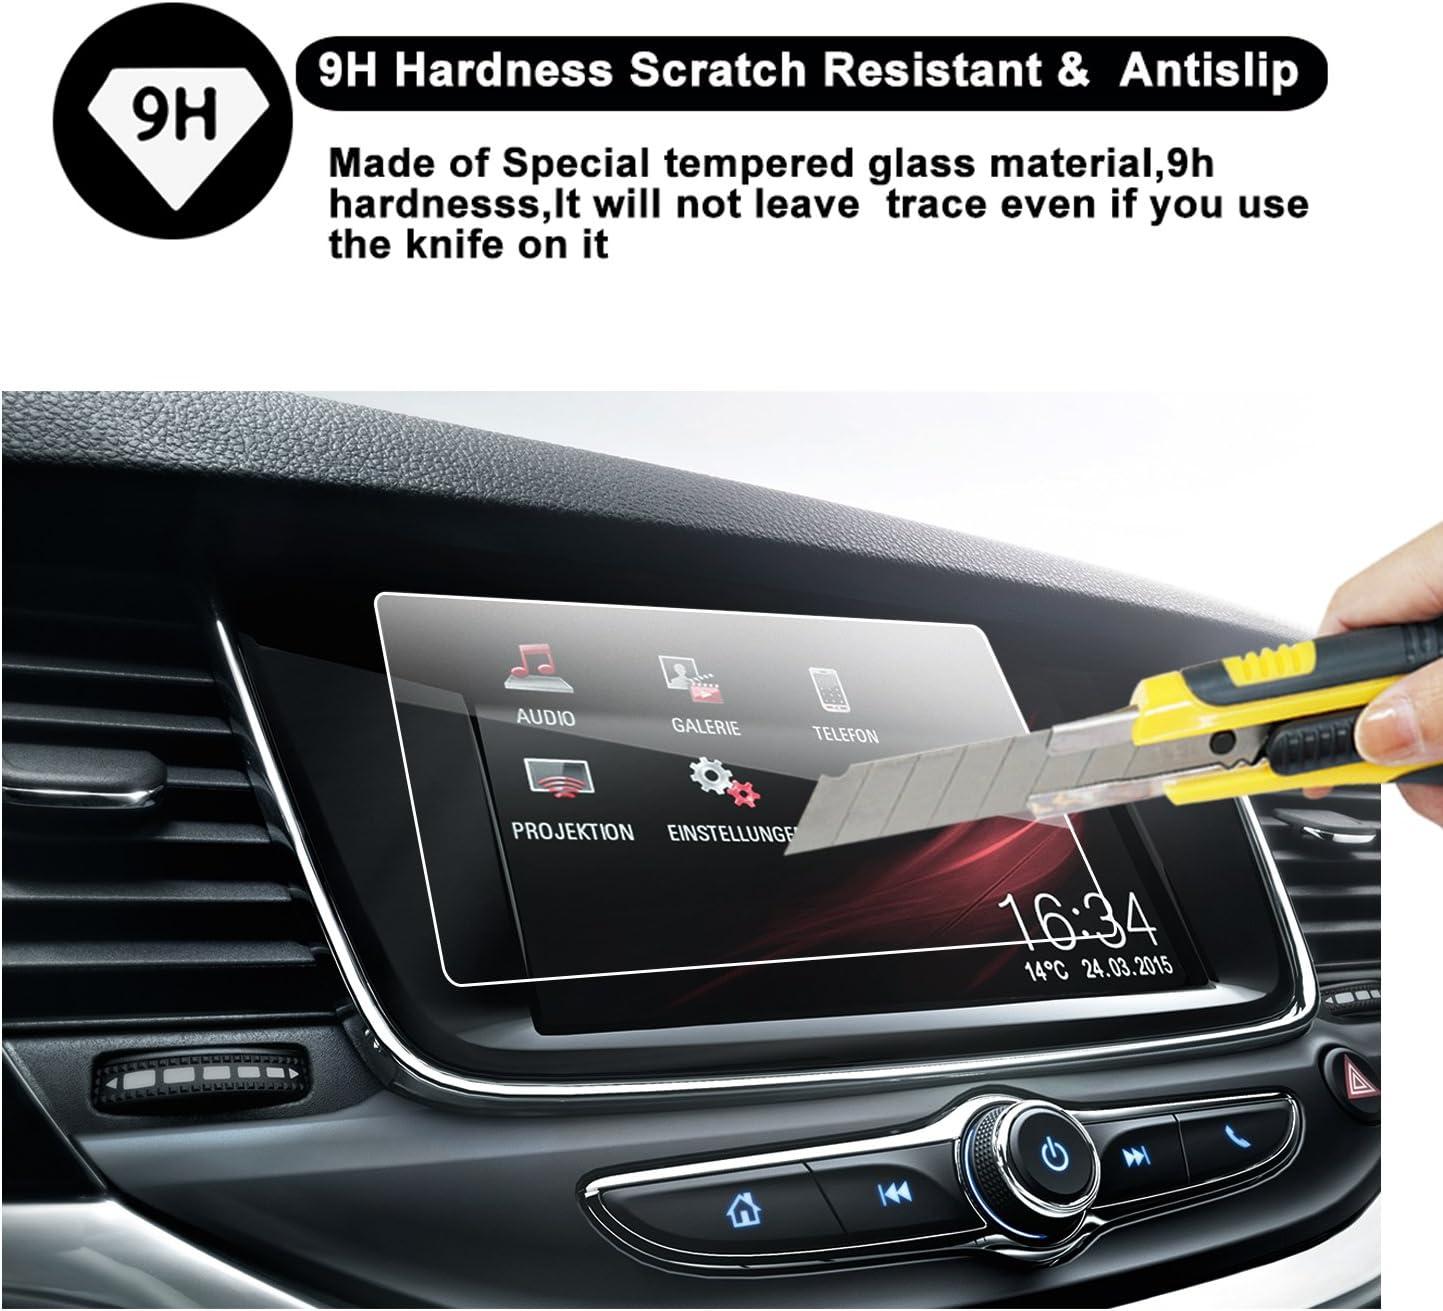 RUIYA Geh/ärtetem Glas Displayschutzfolie f/ür 2017 2018 Opel Crossland X Navi 900 IntelliLink Navigations System unsichtbare und transparente Film Anti-Kratz Crystal Clear HD Displayschutz 8 Zoll